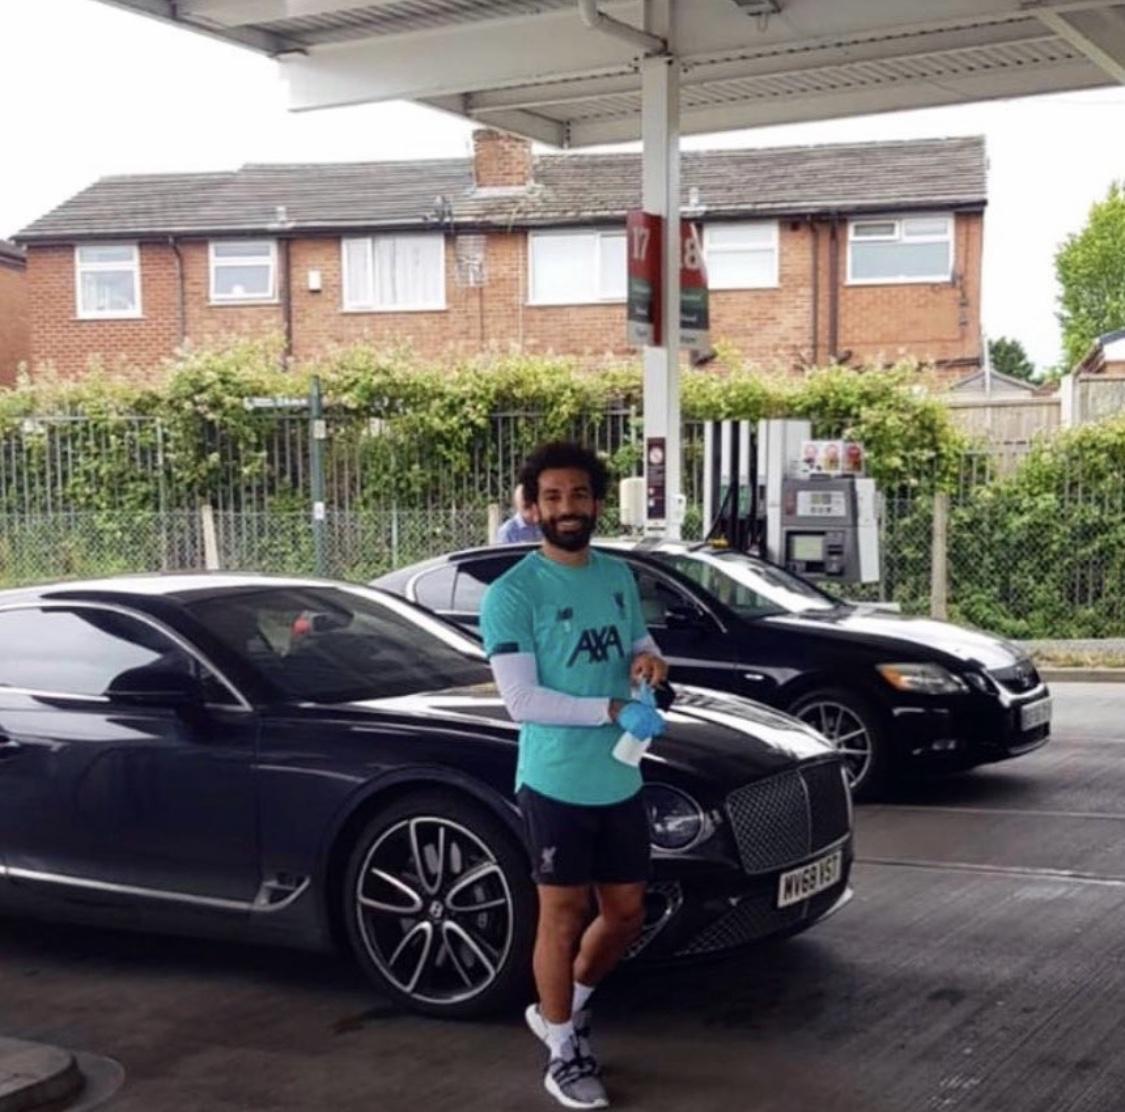 Shkoi për të furnizuar makinën, Salah bën gjestin e bukur në pikën e karburantit